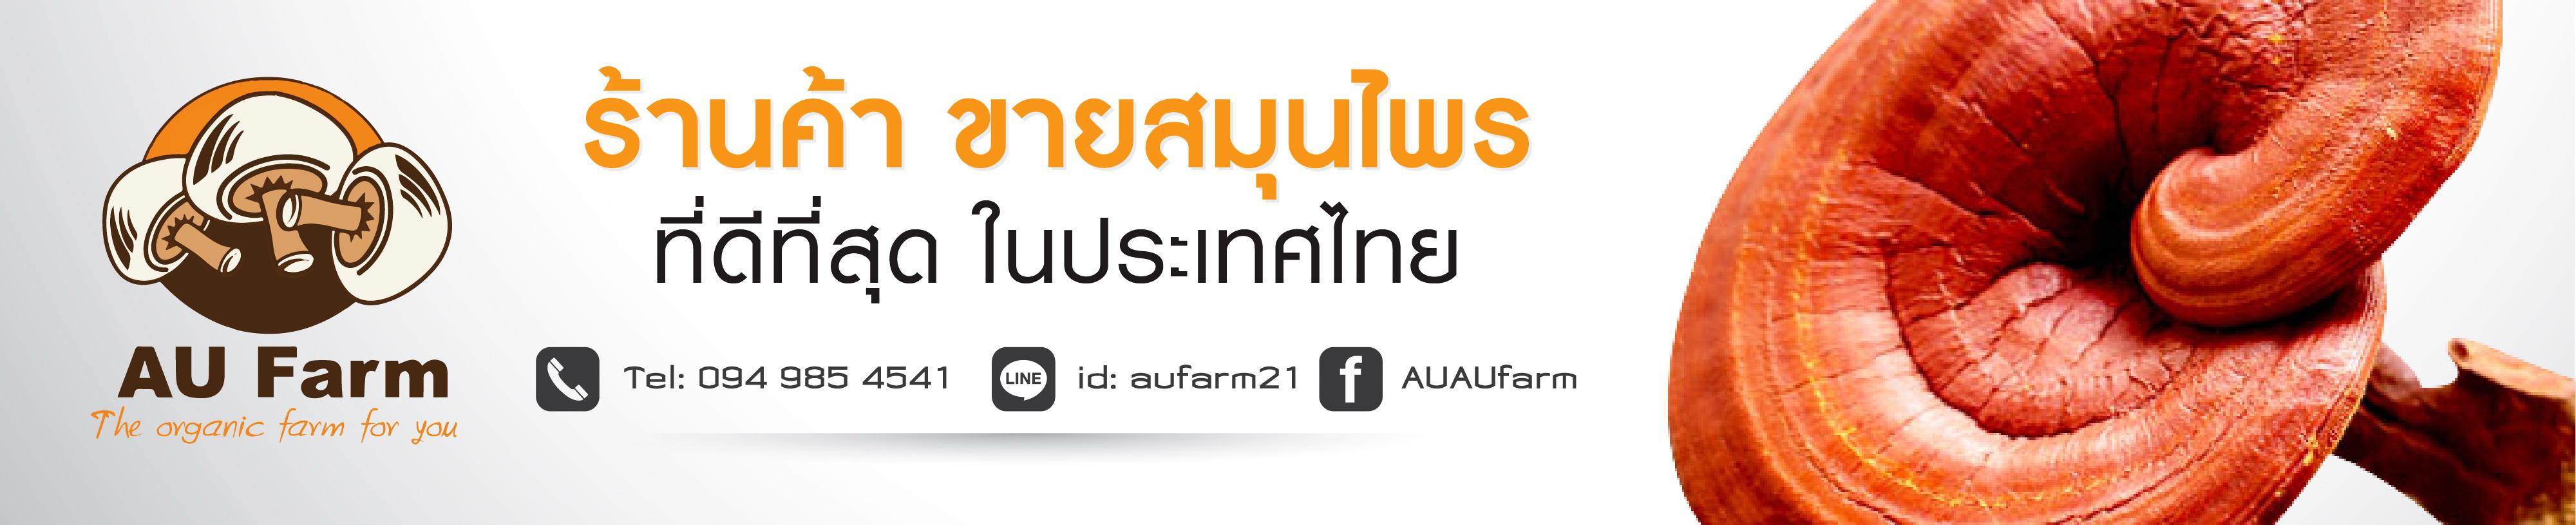 สมุนไพร by AU Farm